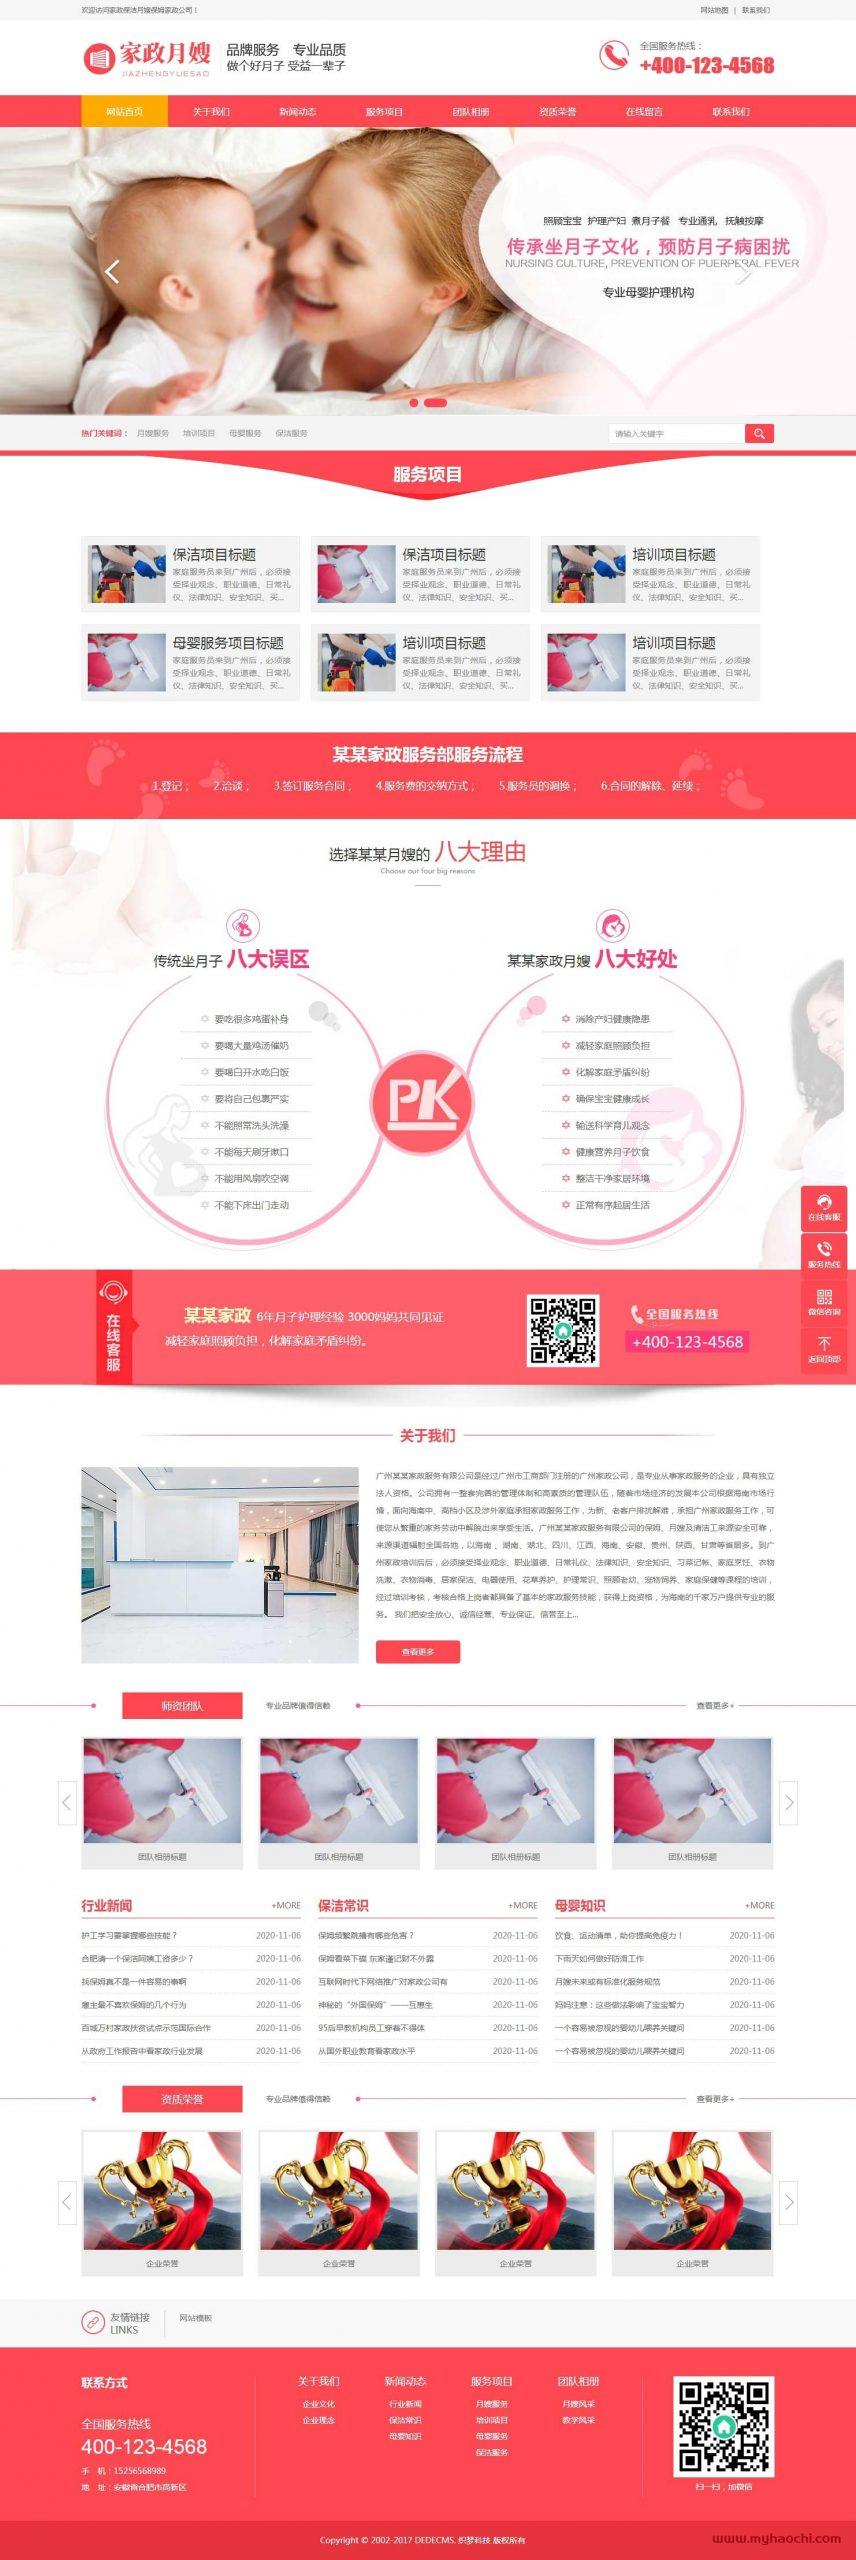 【dedecms】月嫂保洁家政保姆公司网站织梦模板-爱资源分享